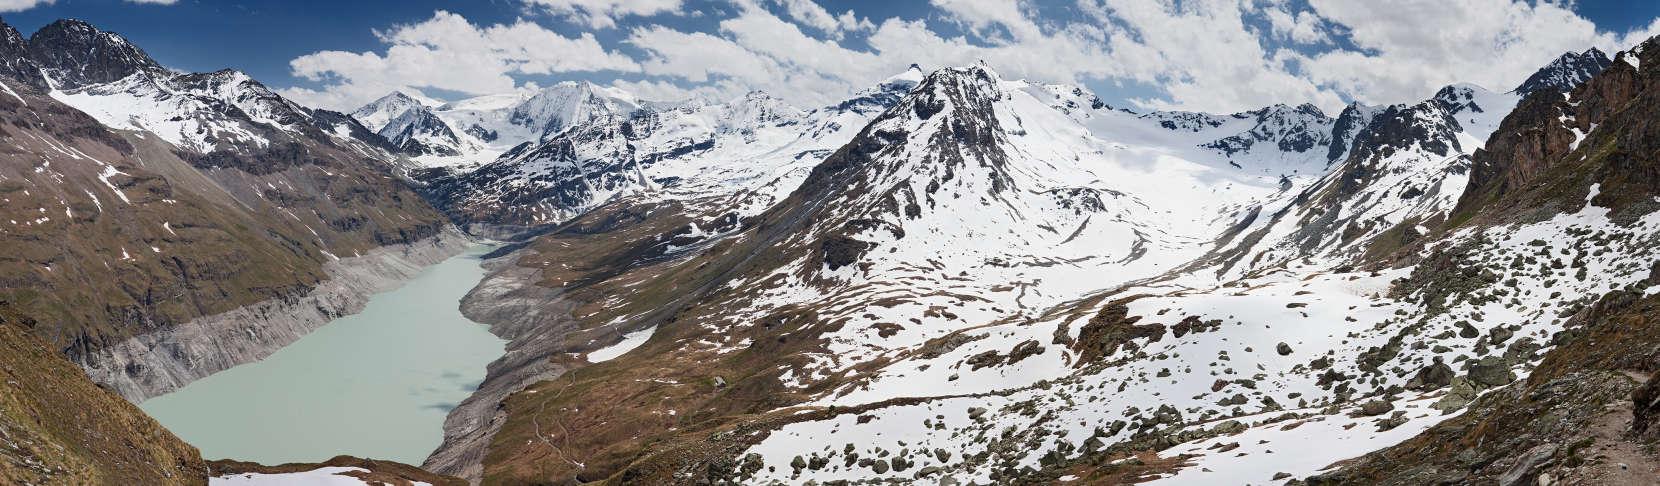 Lac des Dix; Aiguilles Rouges d´Arolla; La Cassorte; Pigne d´Arolla; Glacier de Cheilon; Mont Blanc de Cheilon; La Serpentine; La Ruinette; La Luette; Le Pleureur; Rochers du Bouc; Le Sale; Le Parrain; Rosablanche